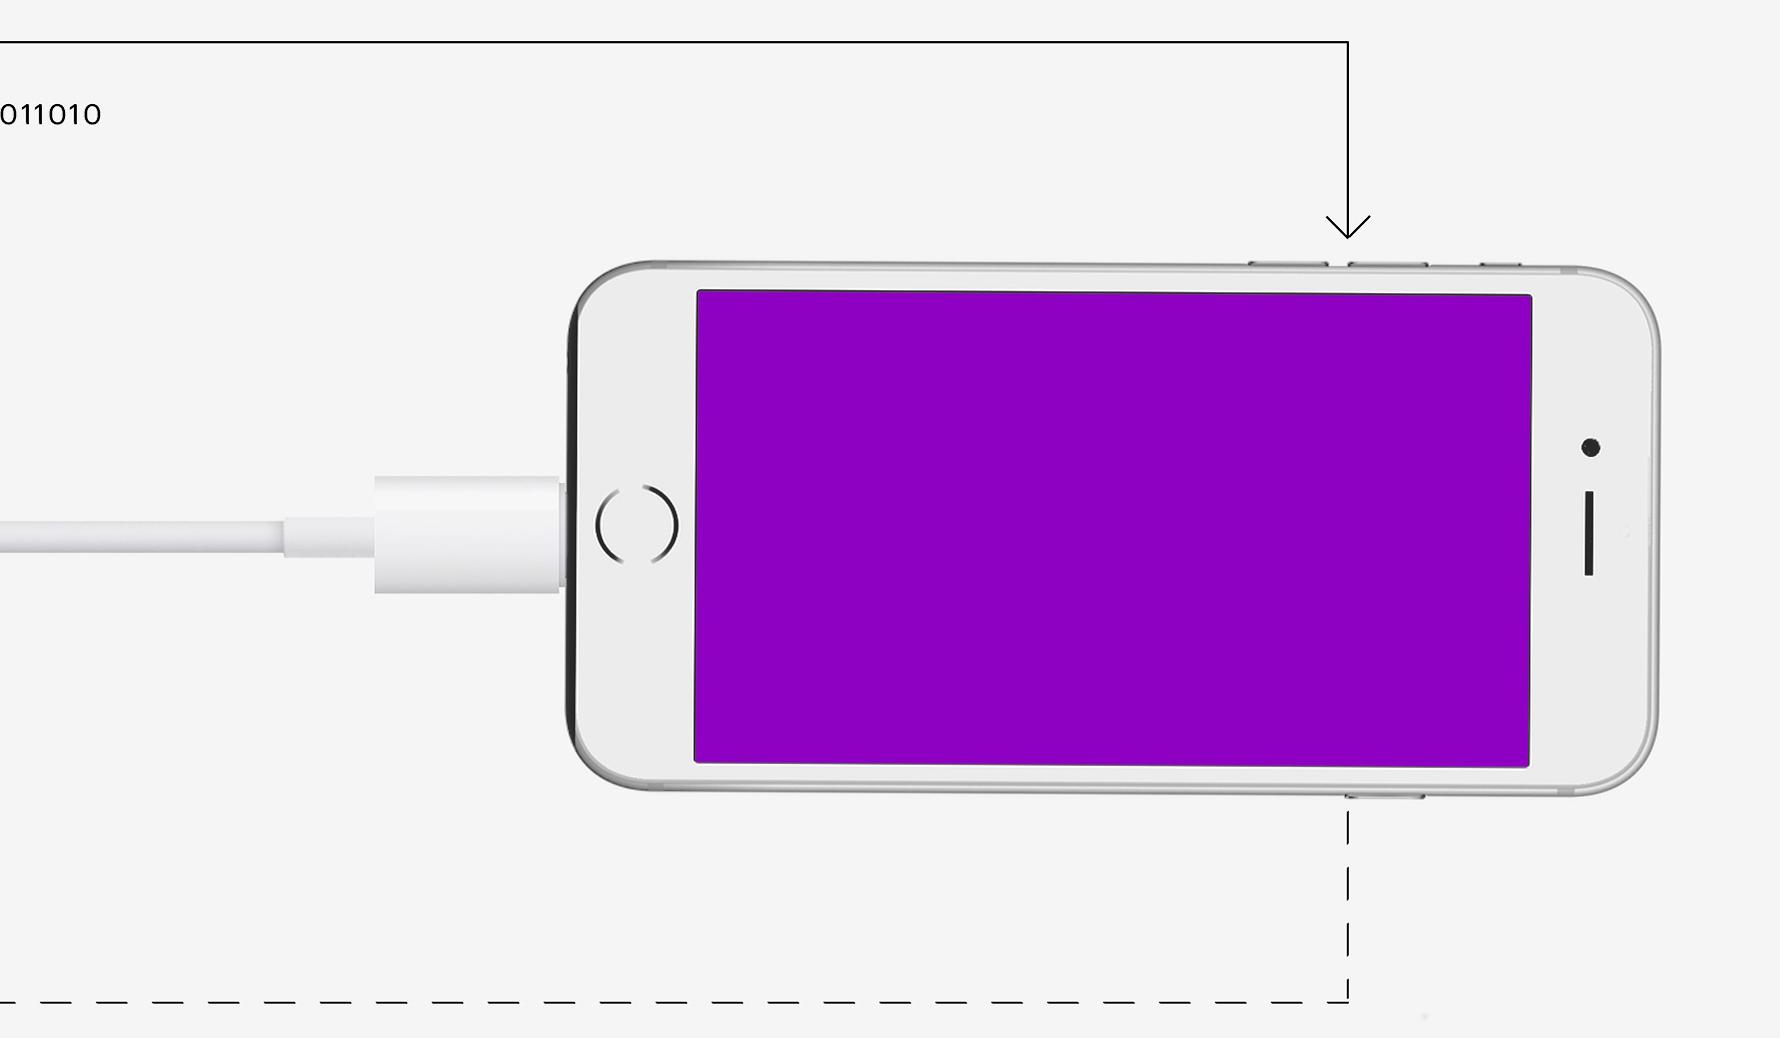 ilustração de um celular com tela roxa, com o cabo conectado a uma moeda de 1 real